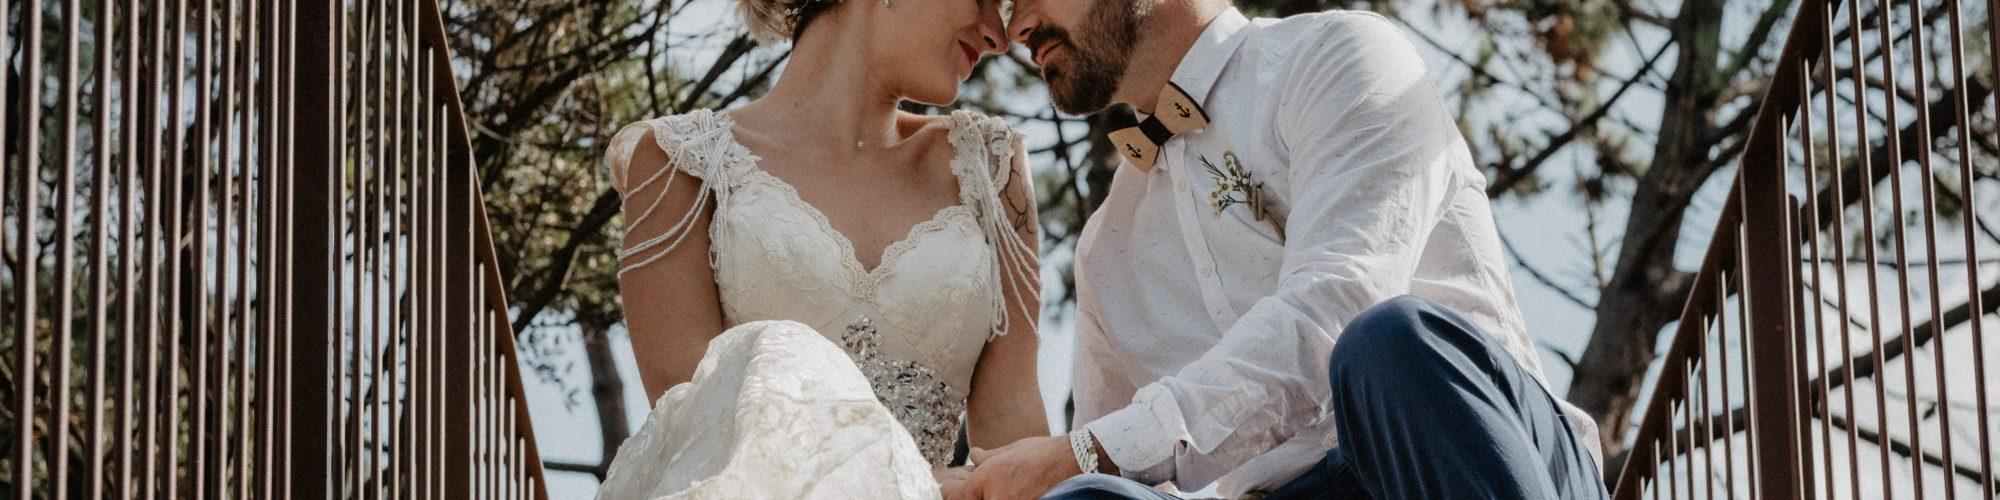 Organisateur de Mariage Toulouse, Wedding Planner Toulouse